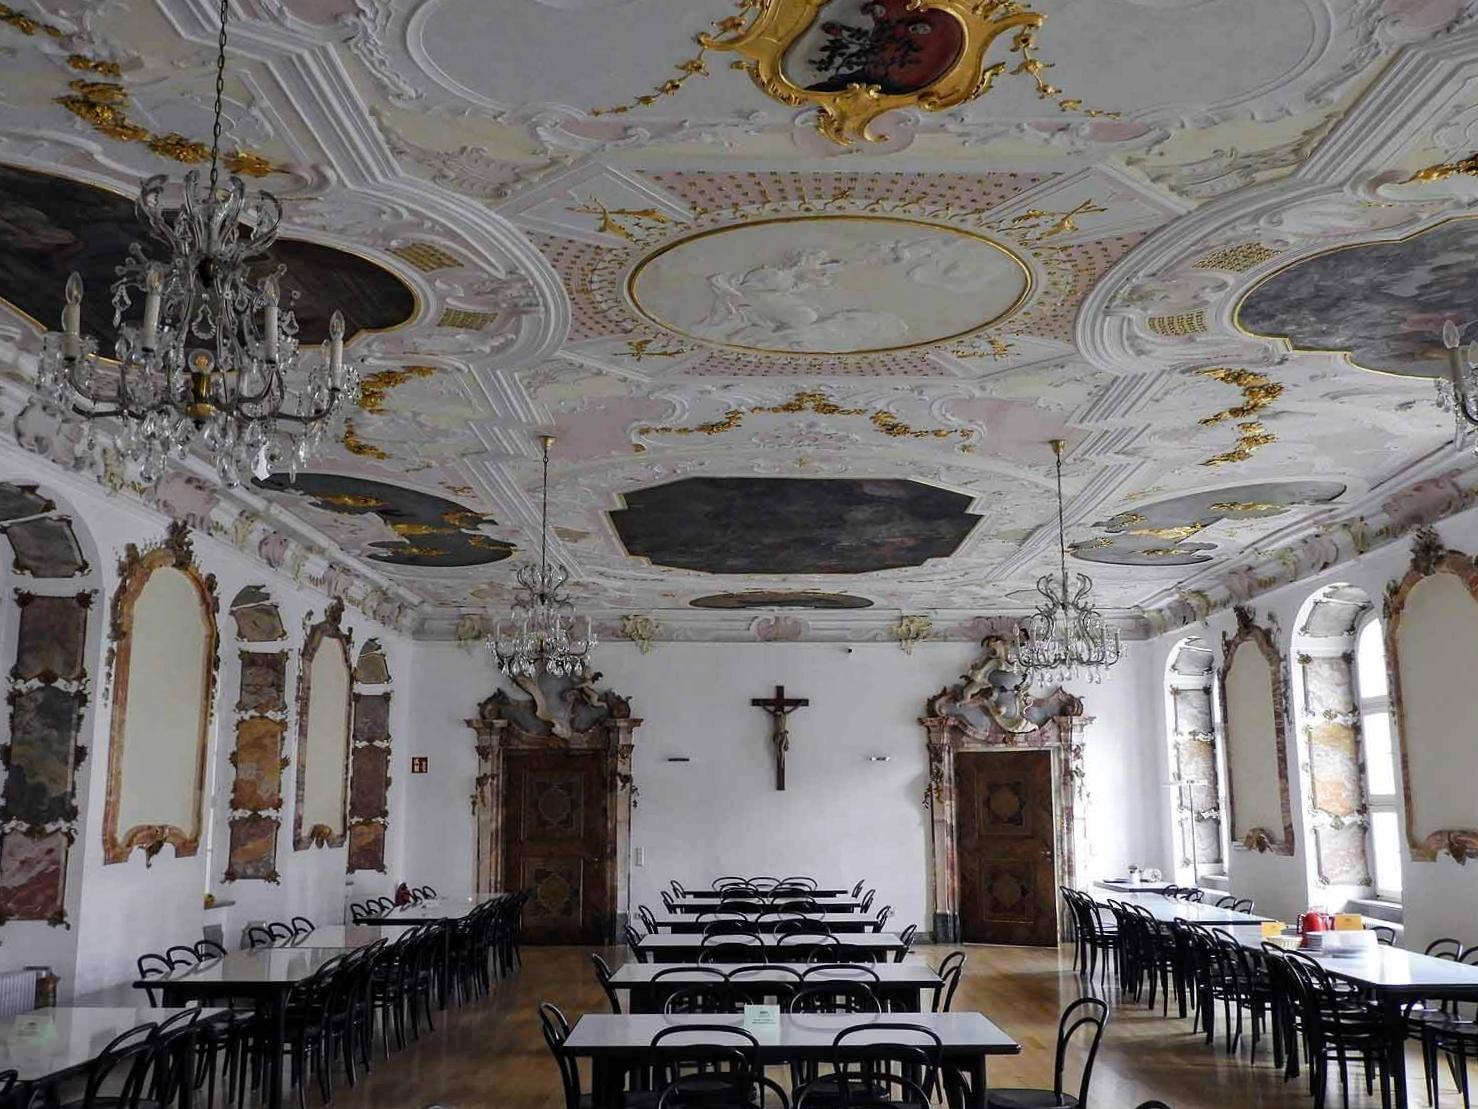 germany-kloster-ochsenhausen-student-dining-hall-meal.jpg